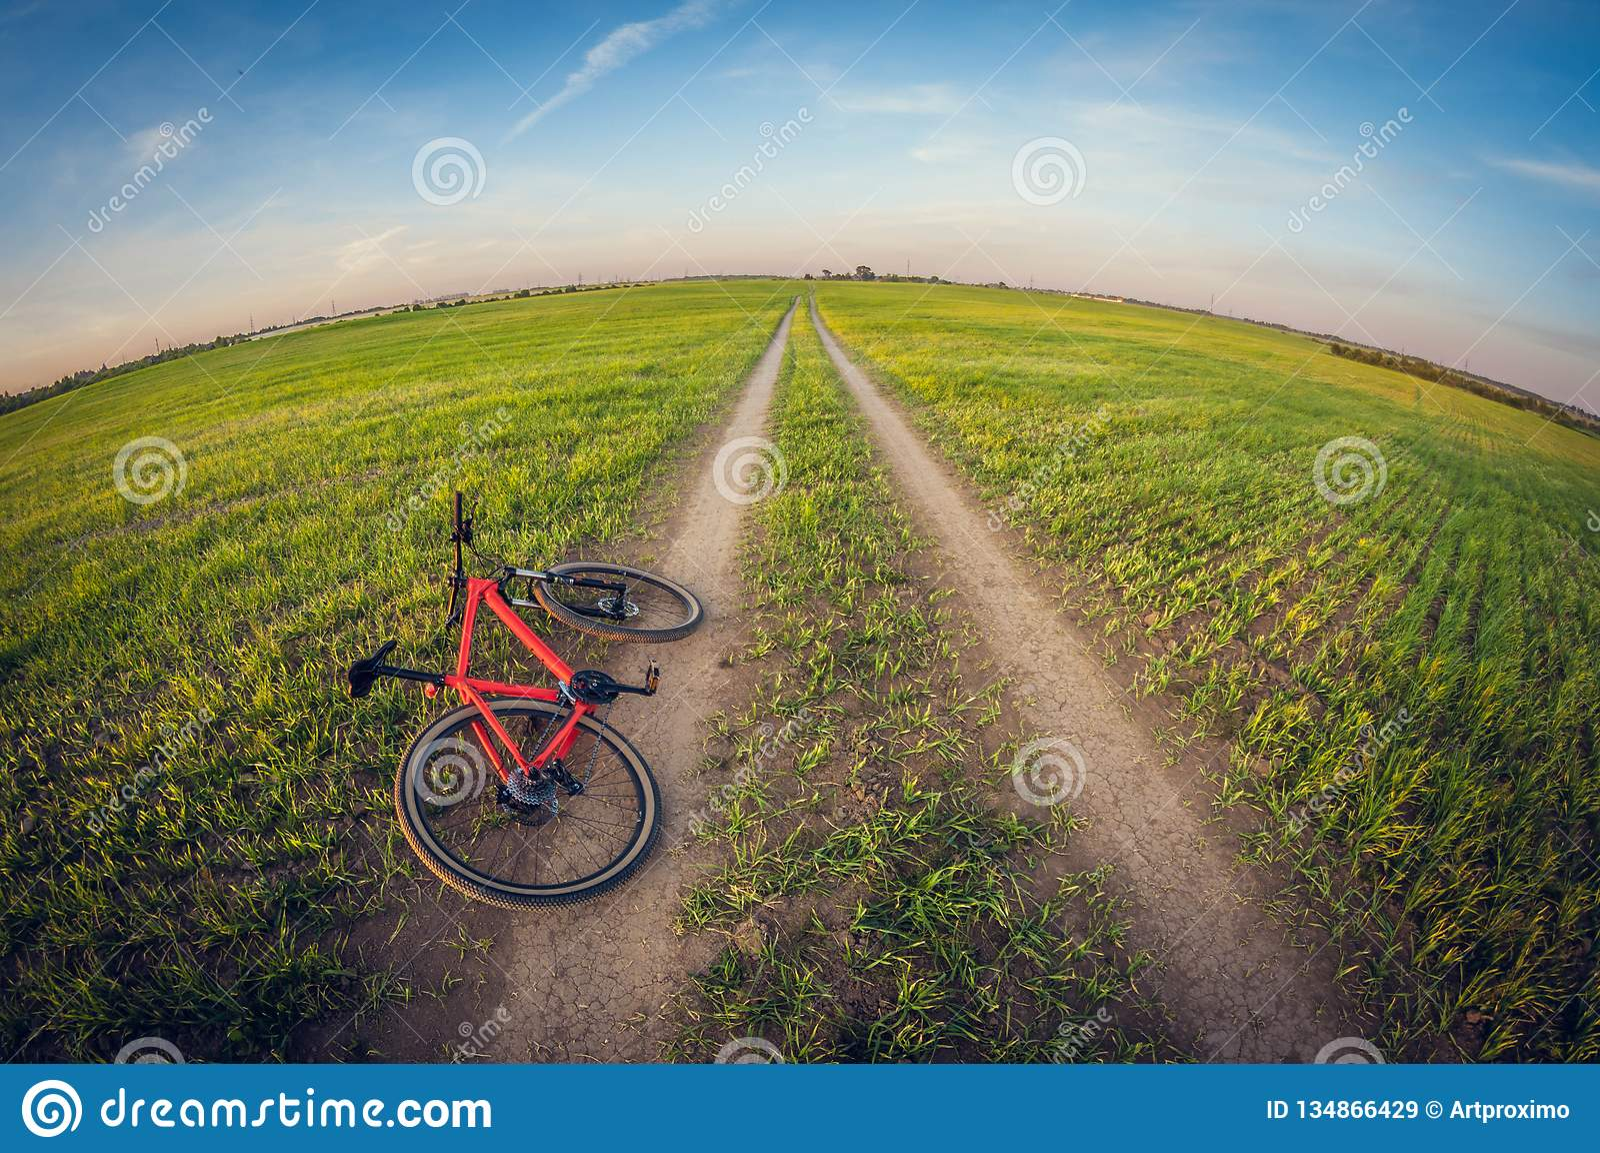 Bicicleta que encontra-se em uma estrada de terra no campo, distorção do fisheye